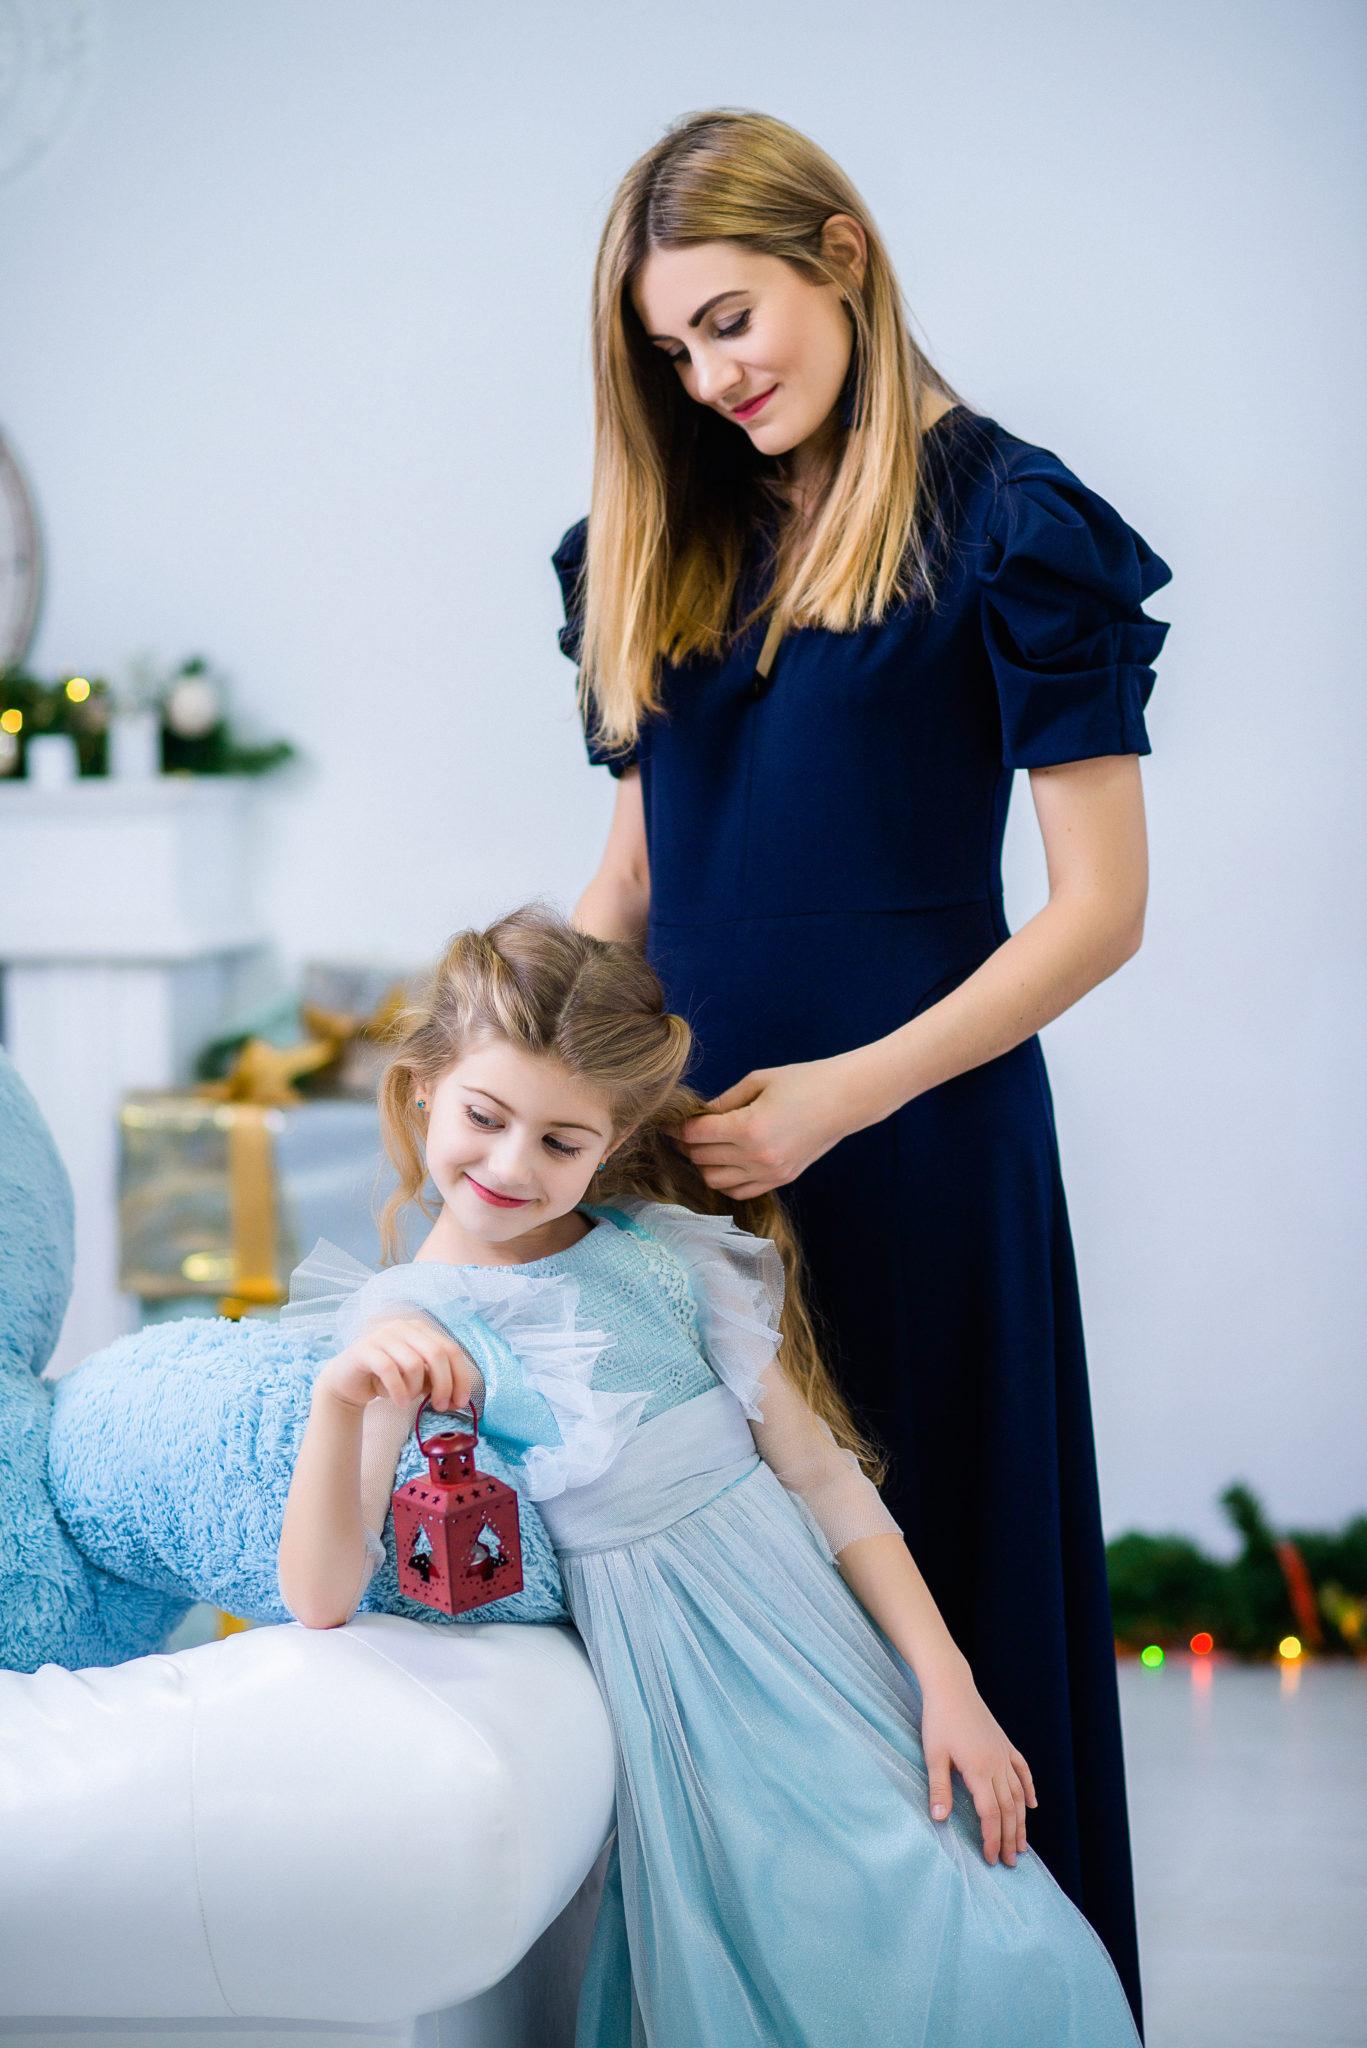 Новогодняя семейная фотосессия, мама с дочерью рядом с белым диваном и на фоне новогодних украшений